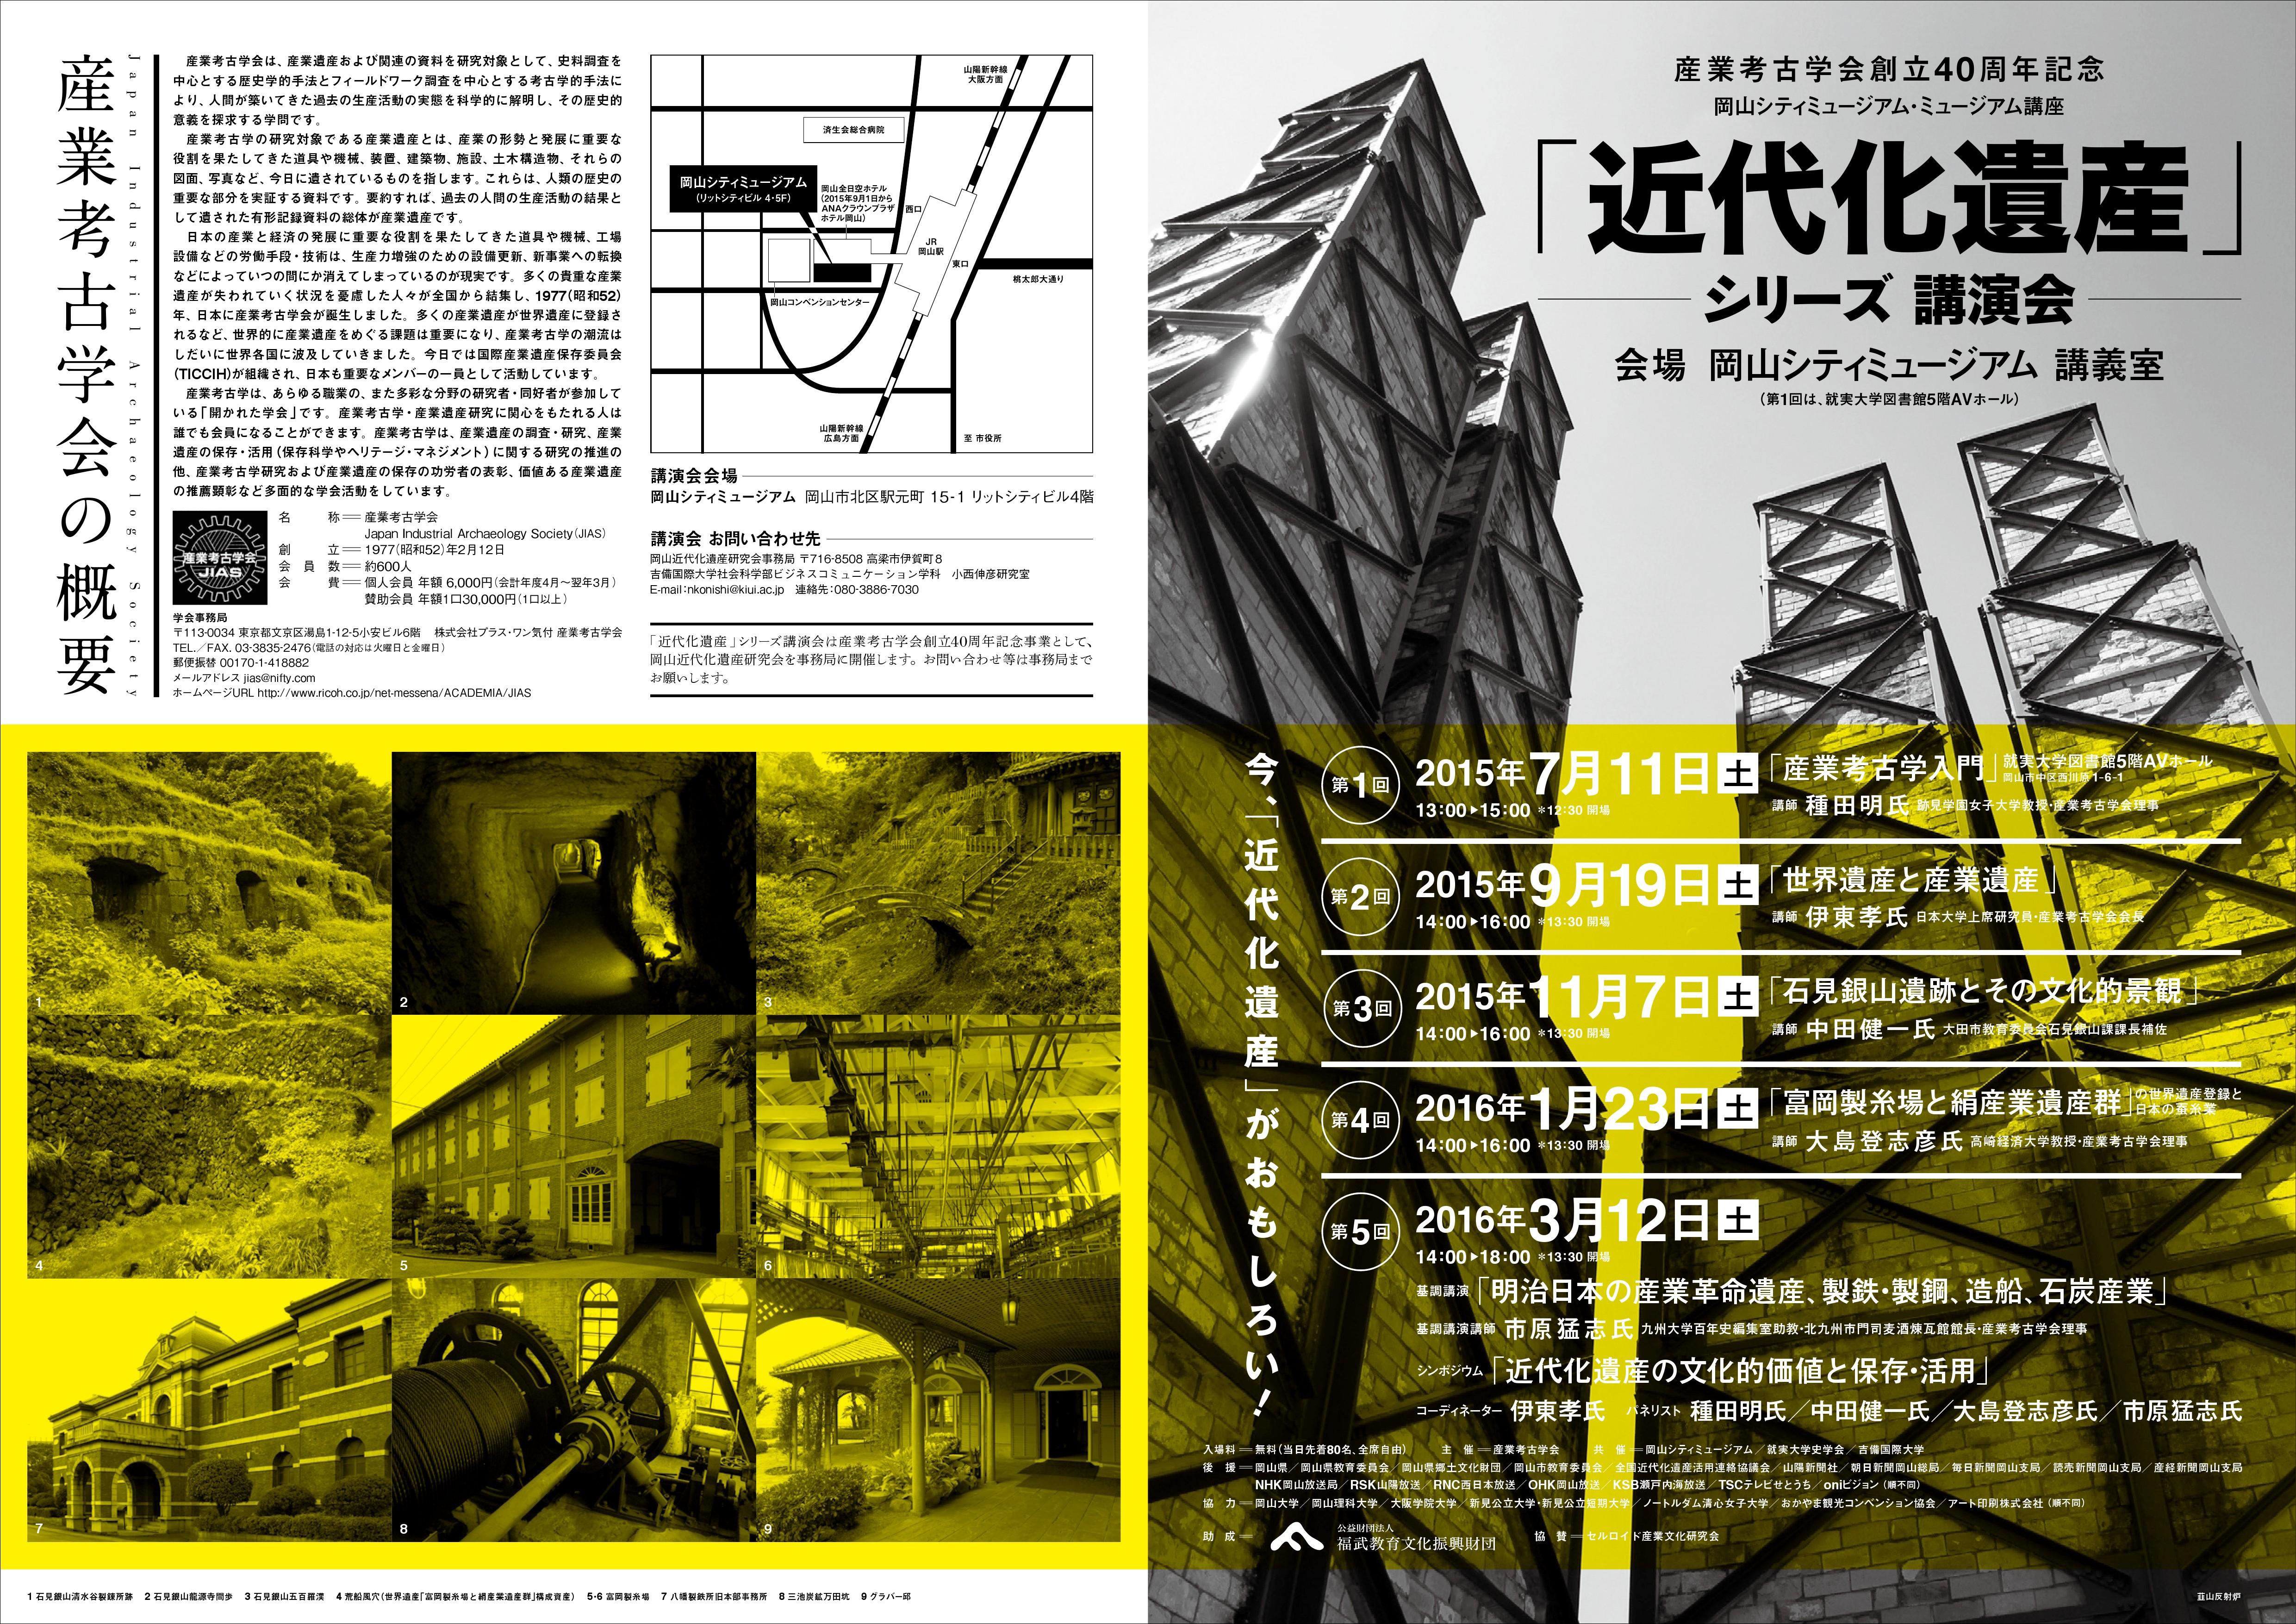 産業考古学会創立40周年記念 「近代化遺産」シリーズ講演会